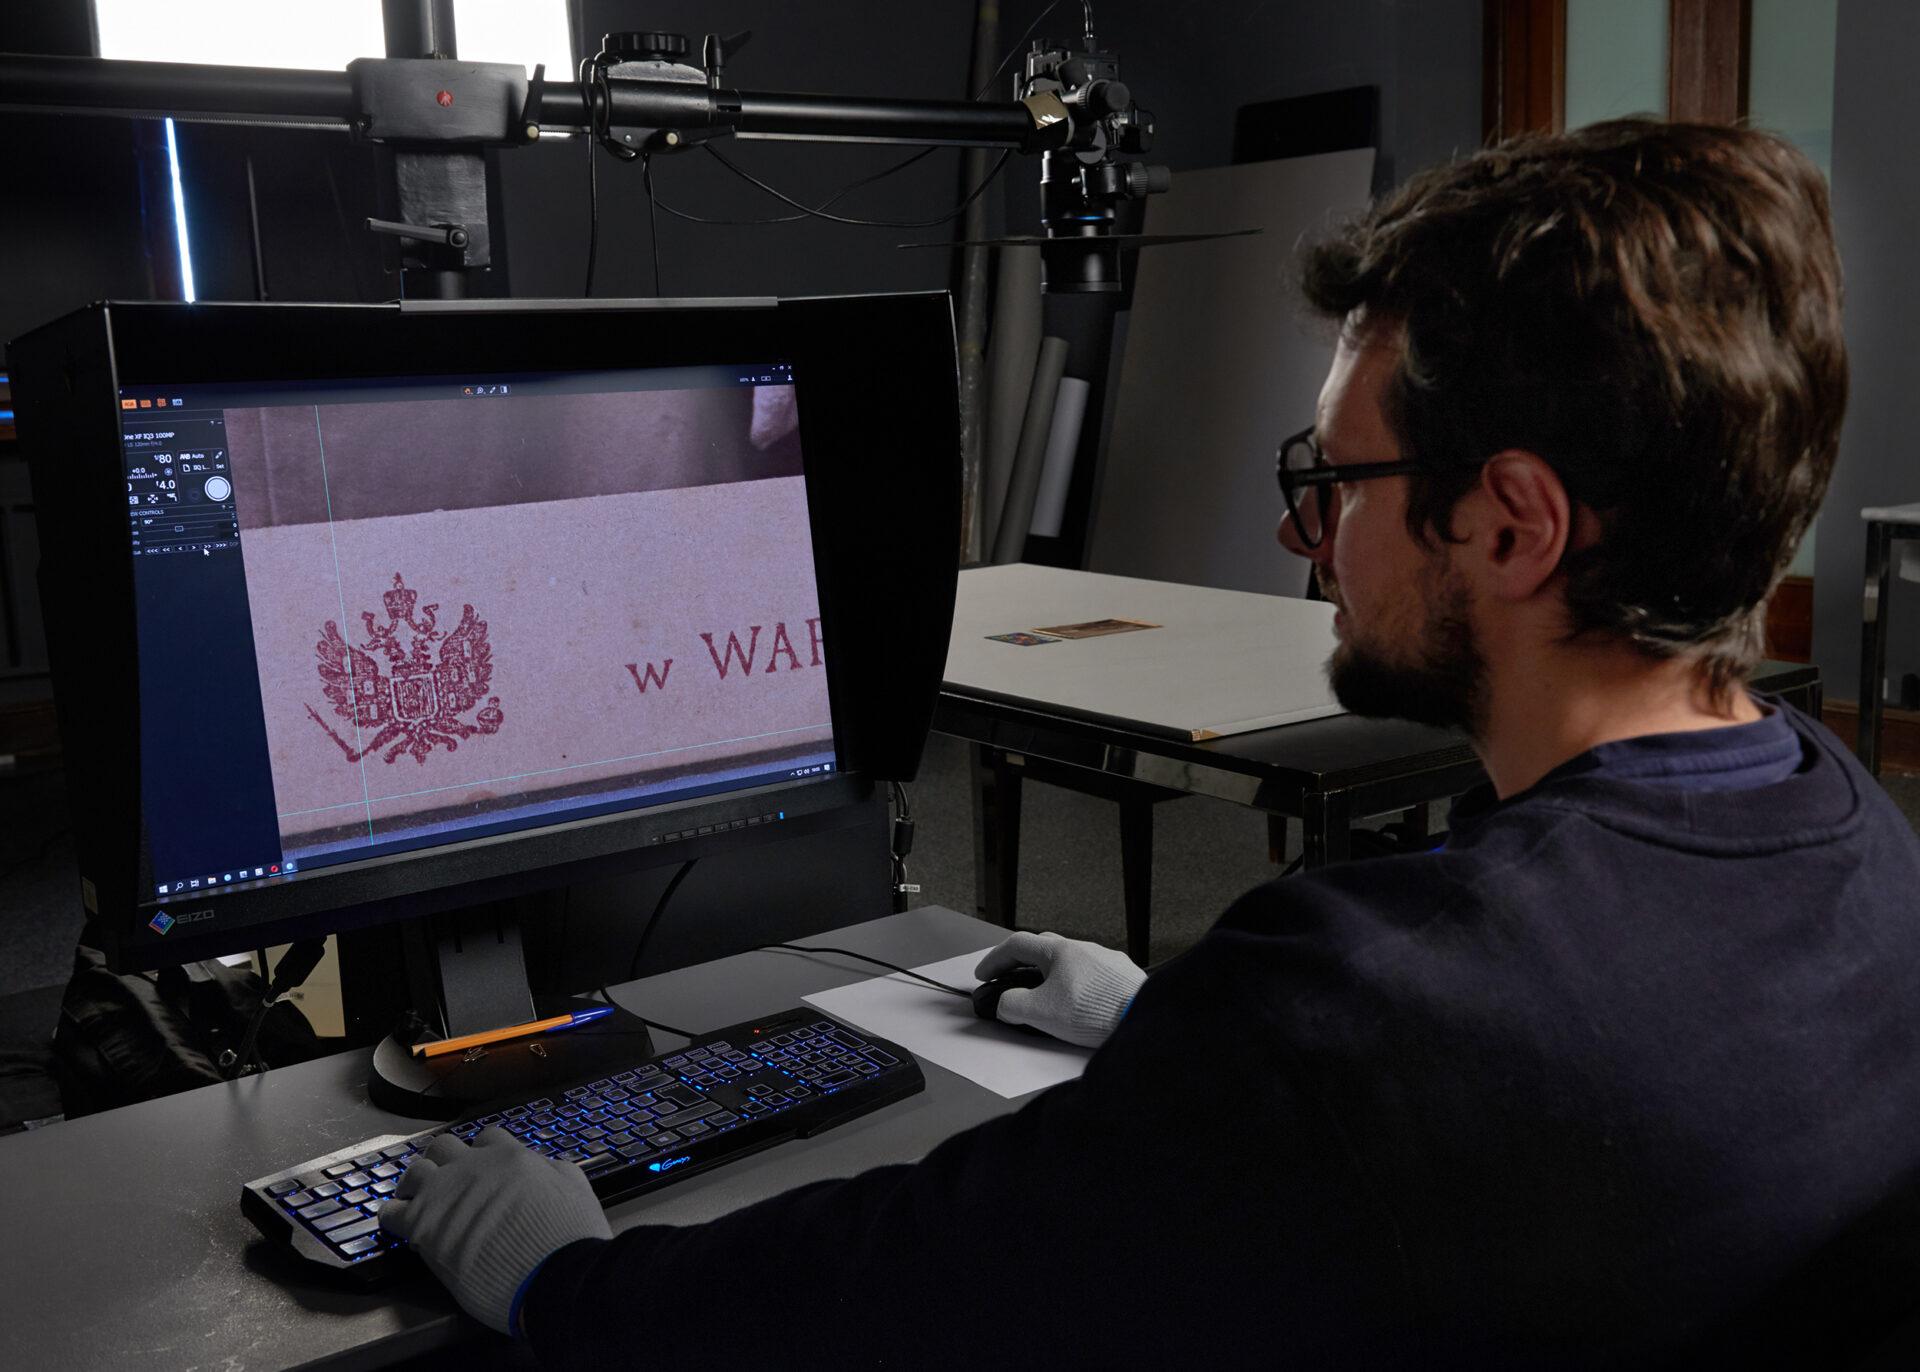 Fotografia. Pracownik digitalizacji pracuje przy komputerze.